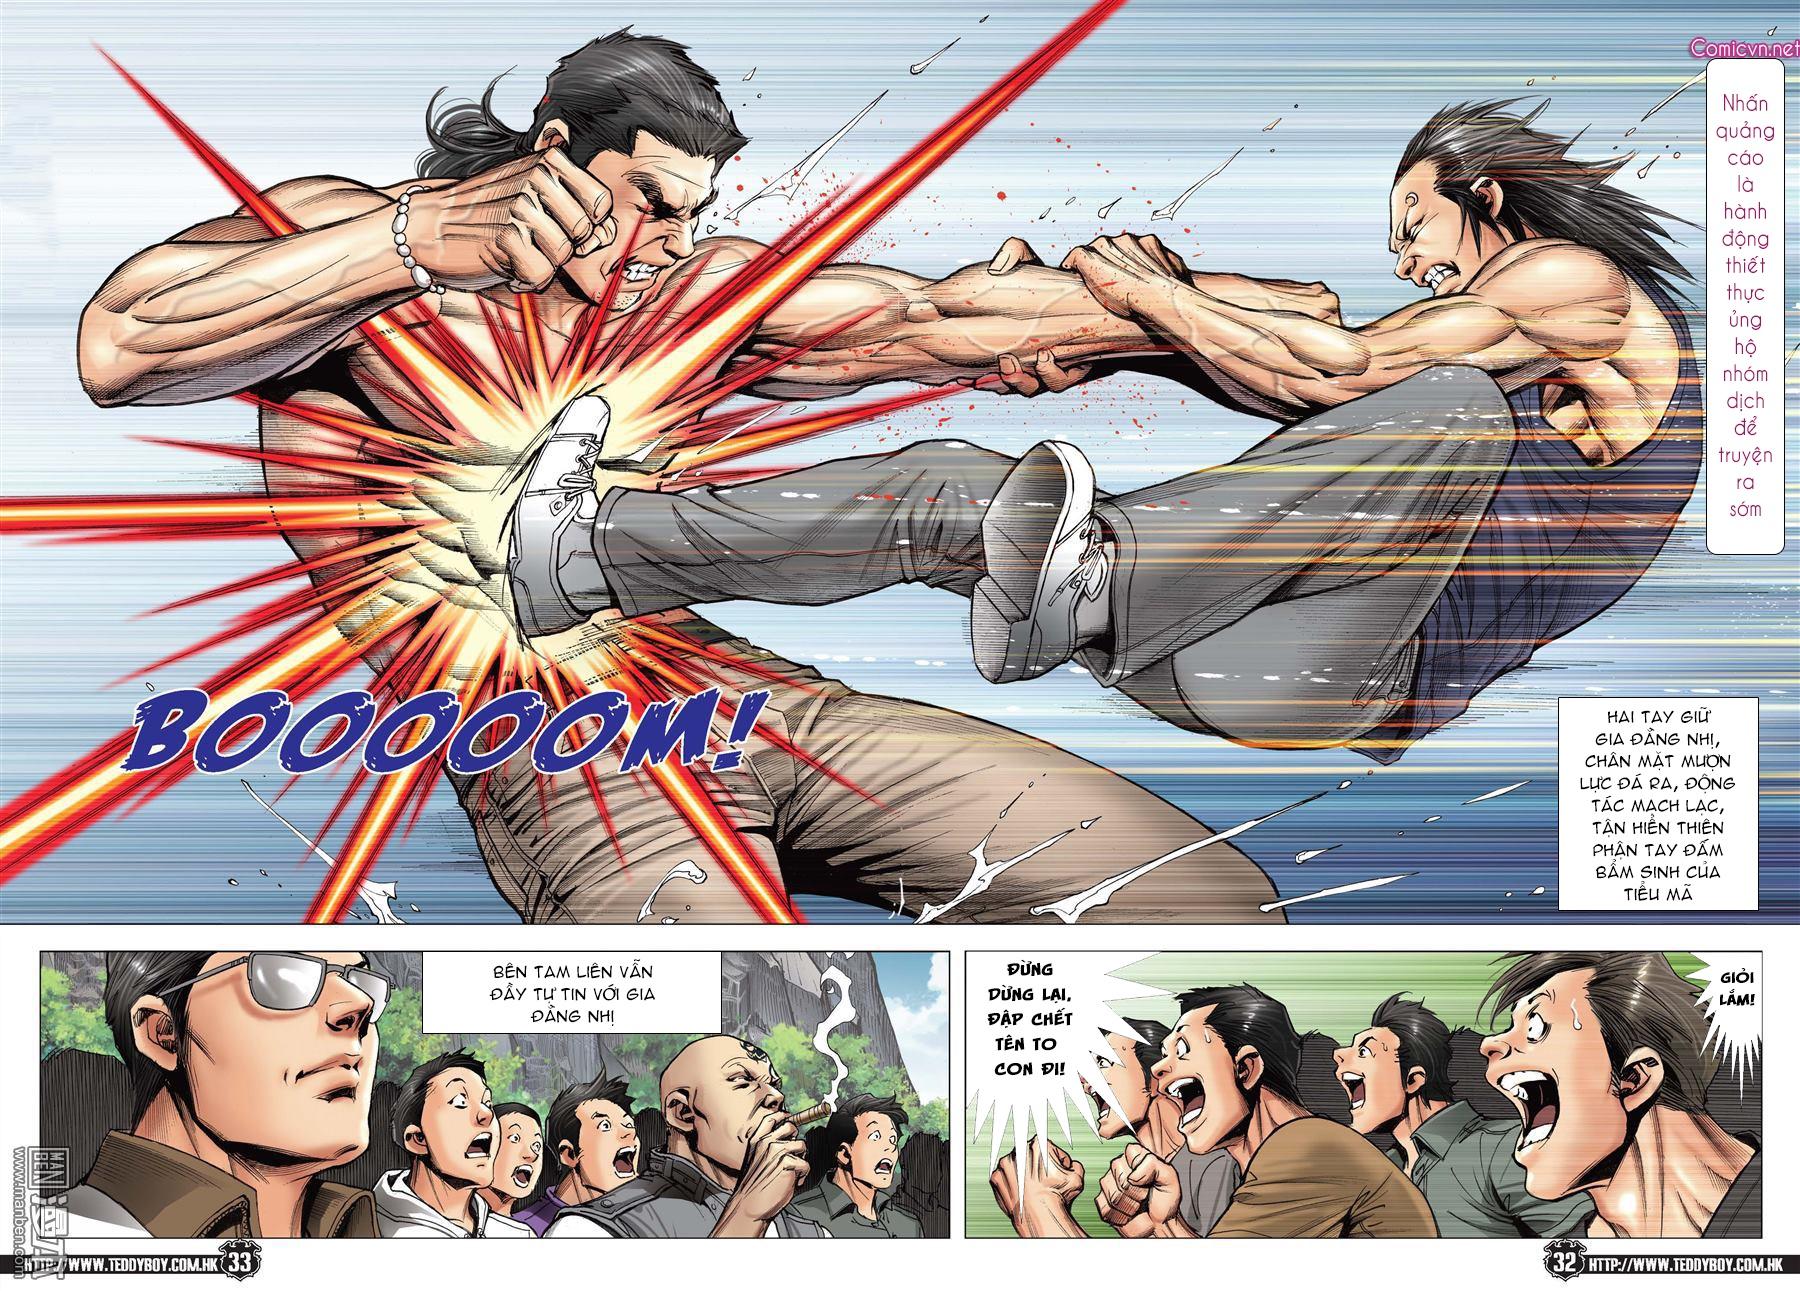 Người Trong Giang Hồ chapter 2148: tiểu mã vs gia đằng nhị trang 28